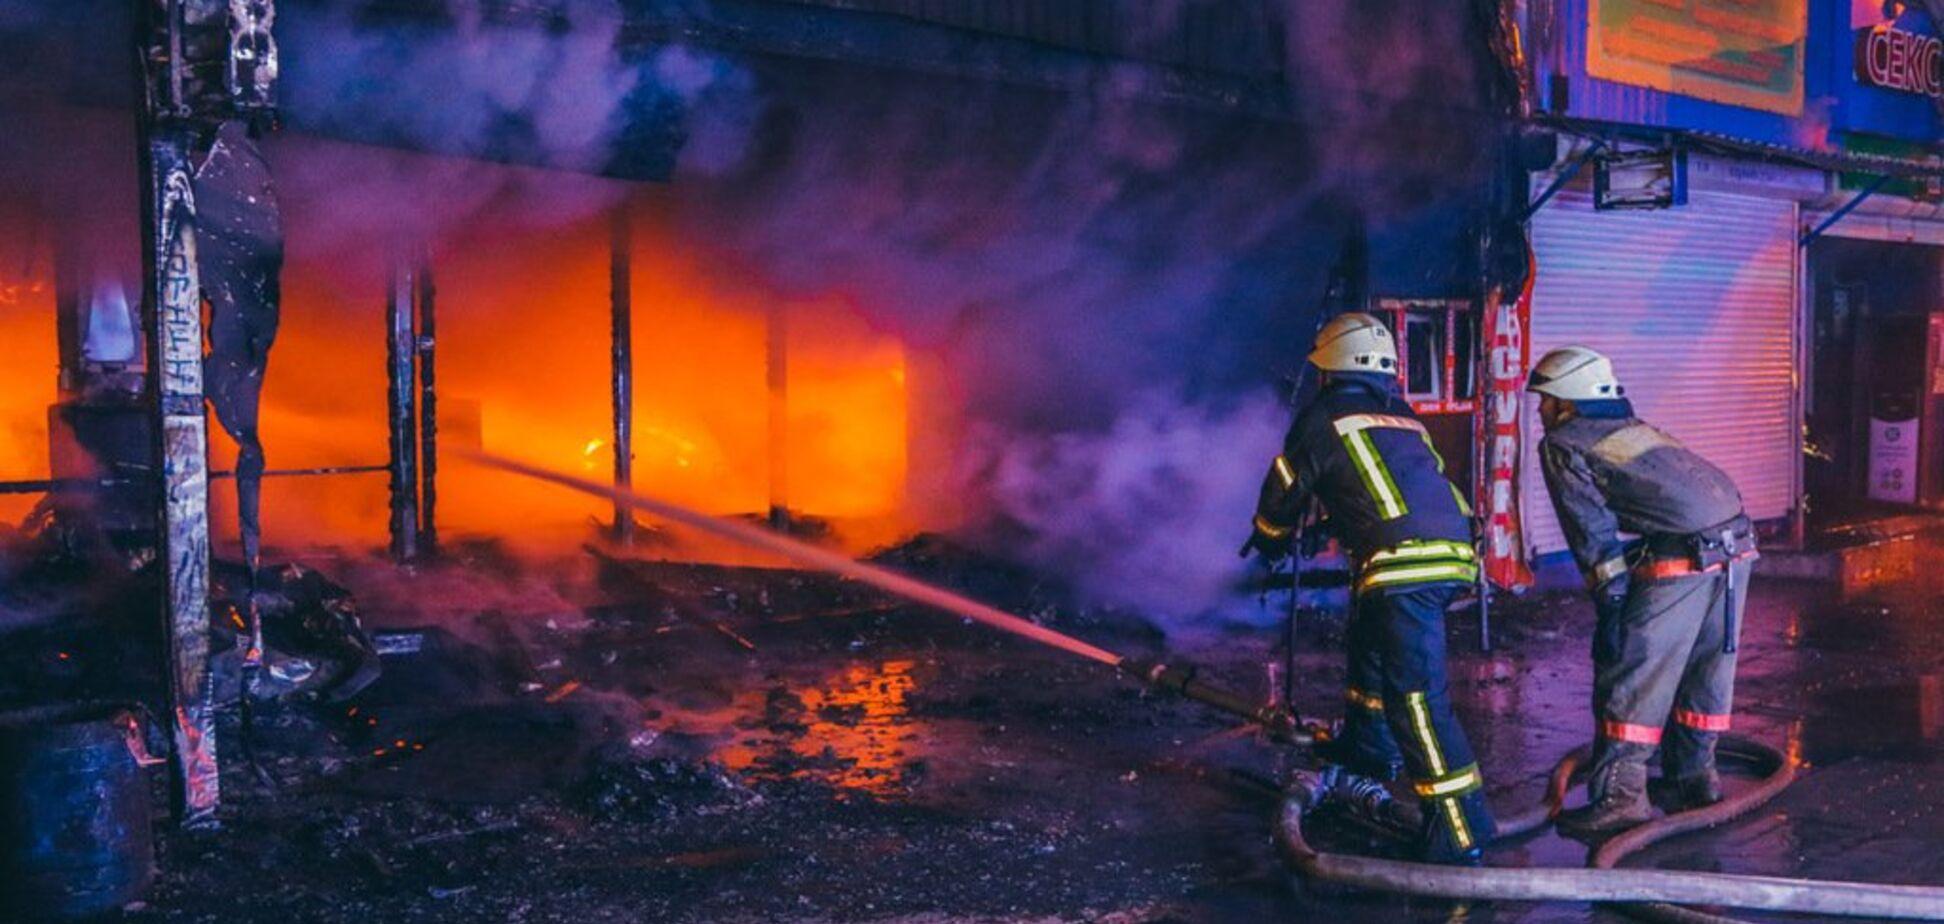 Вся Оболонь в дыму: в Киеве сгорела часть крупного рынка. Фото и видео мощного пожара